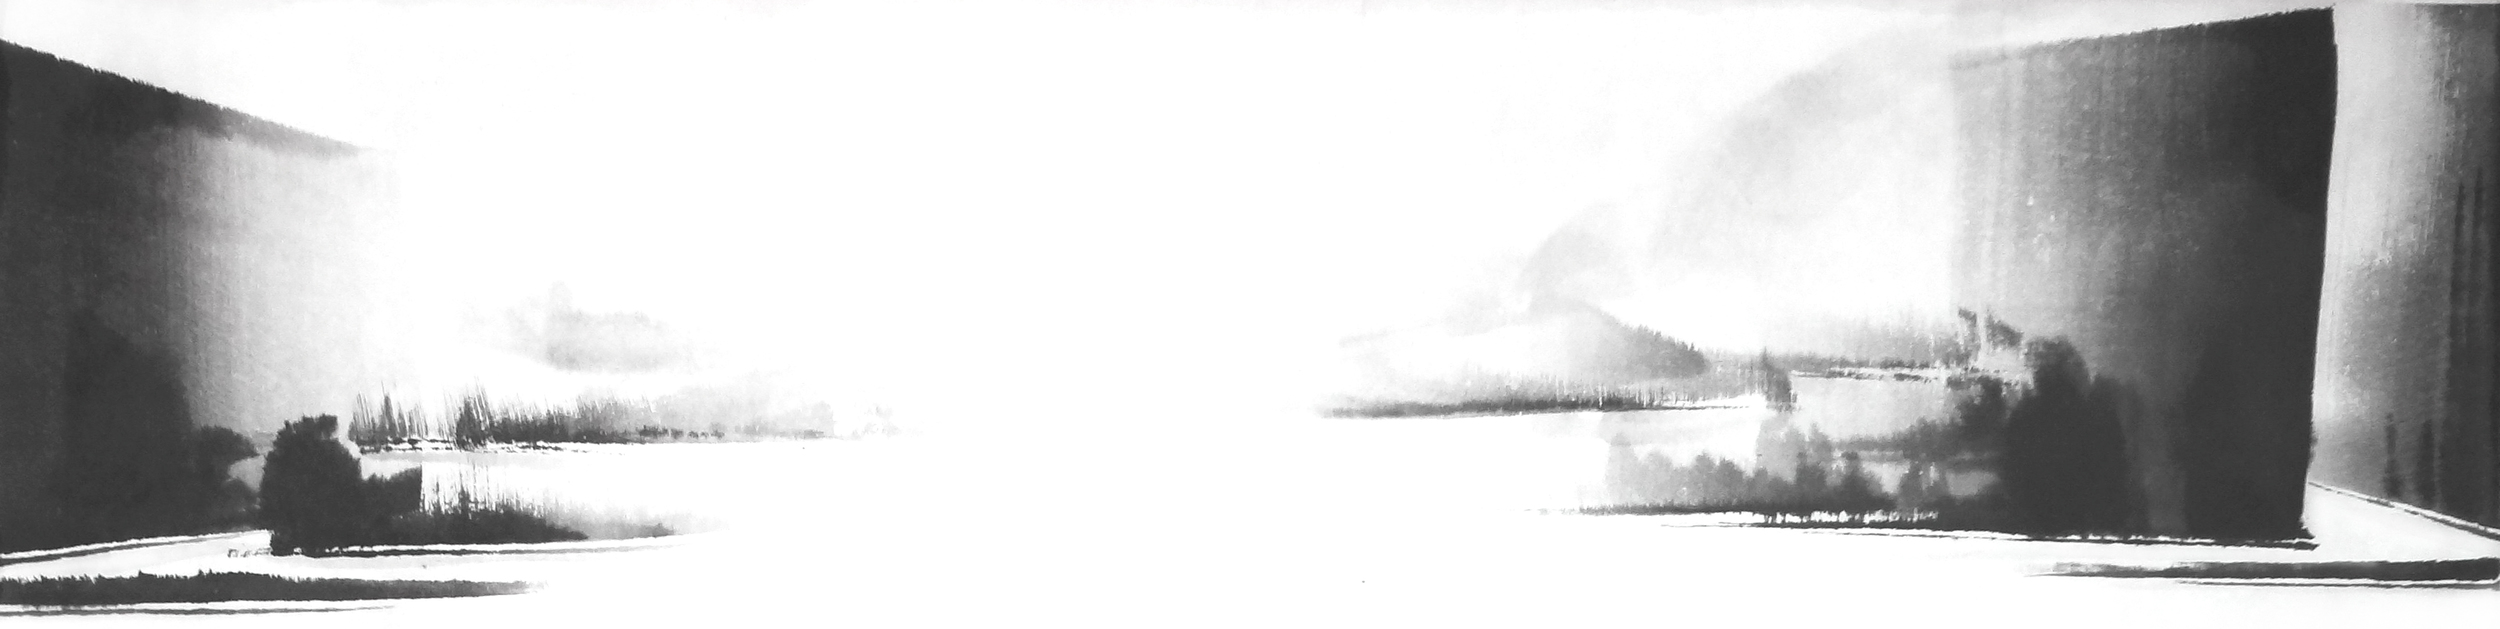 l.빛 다시 Again in His Light, 38X140cm, ink on paper, 2012.JPG